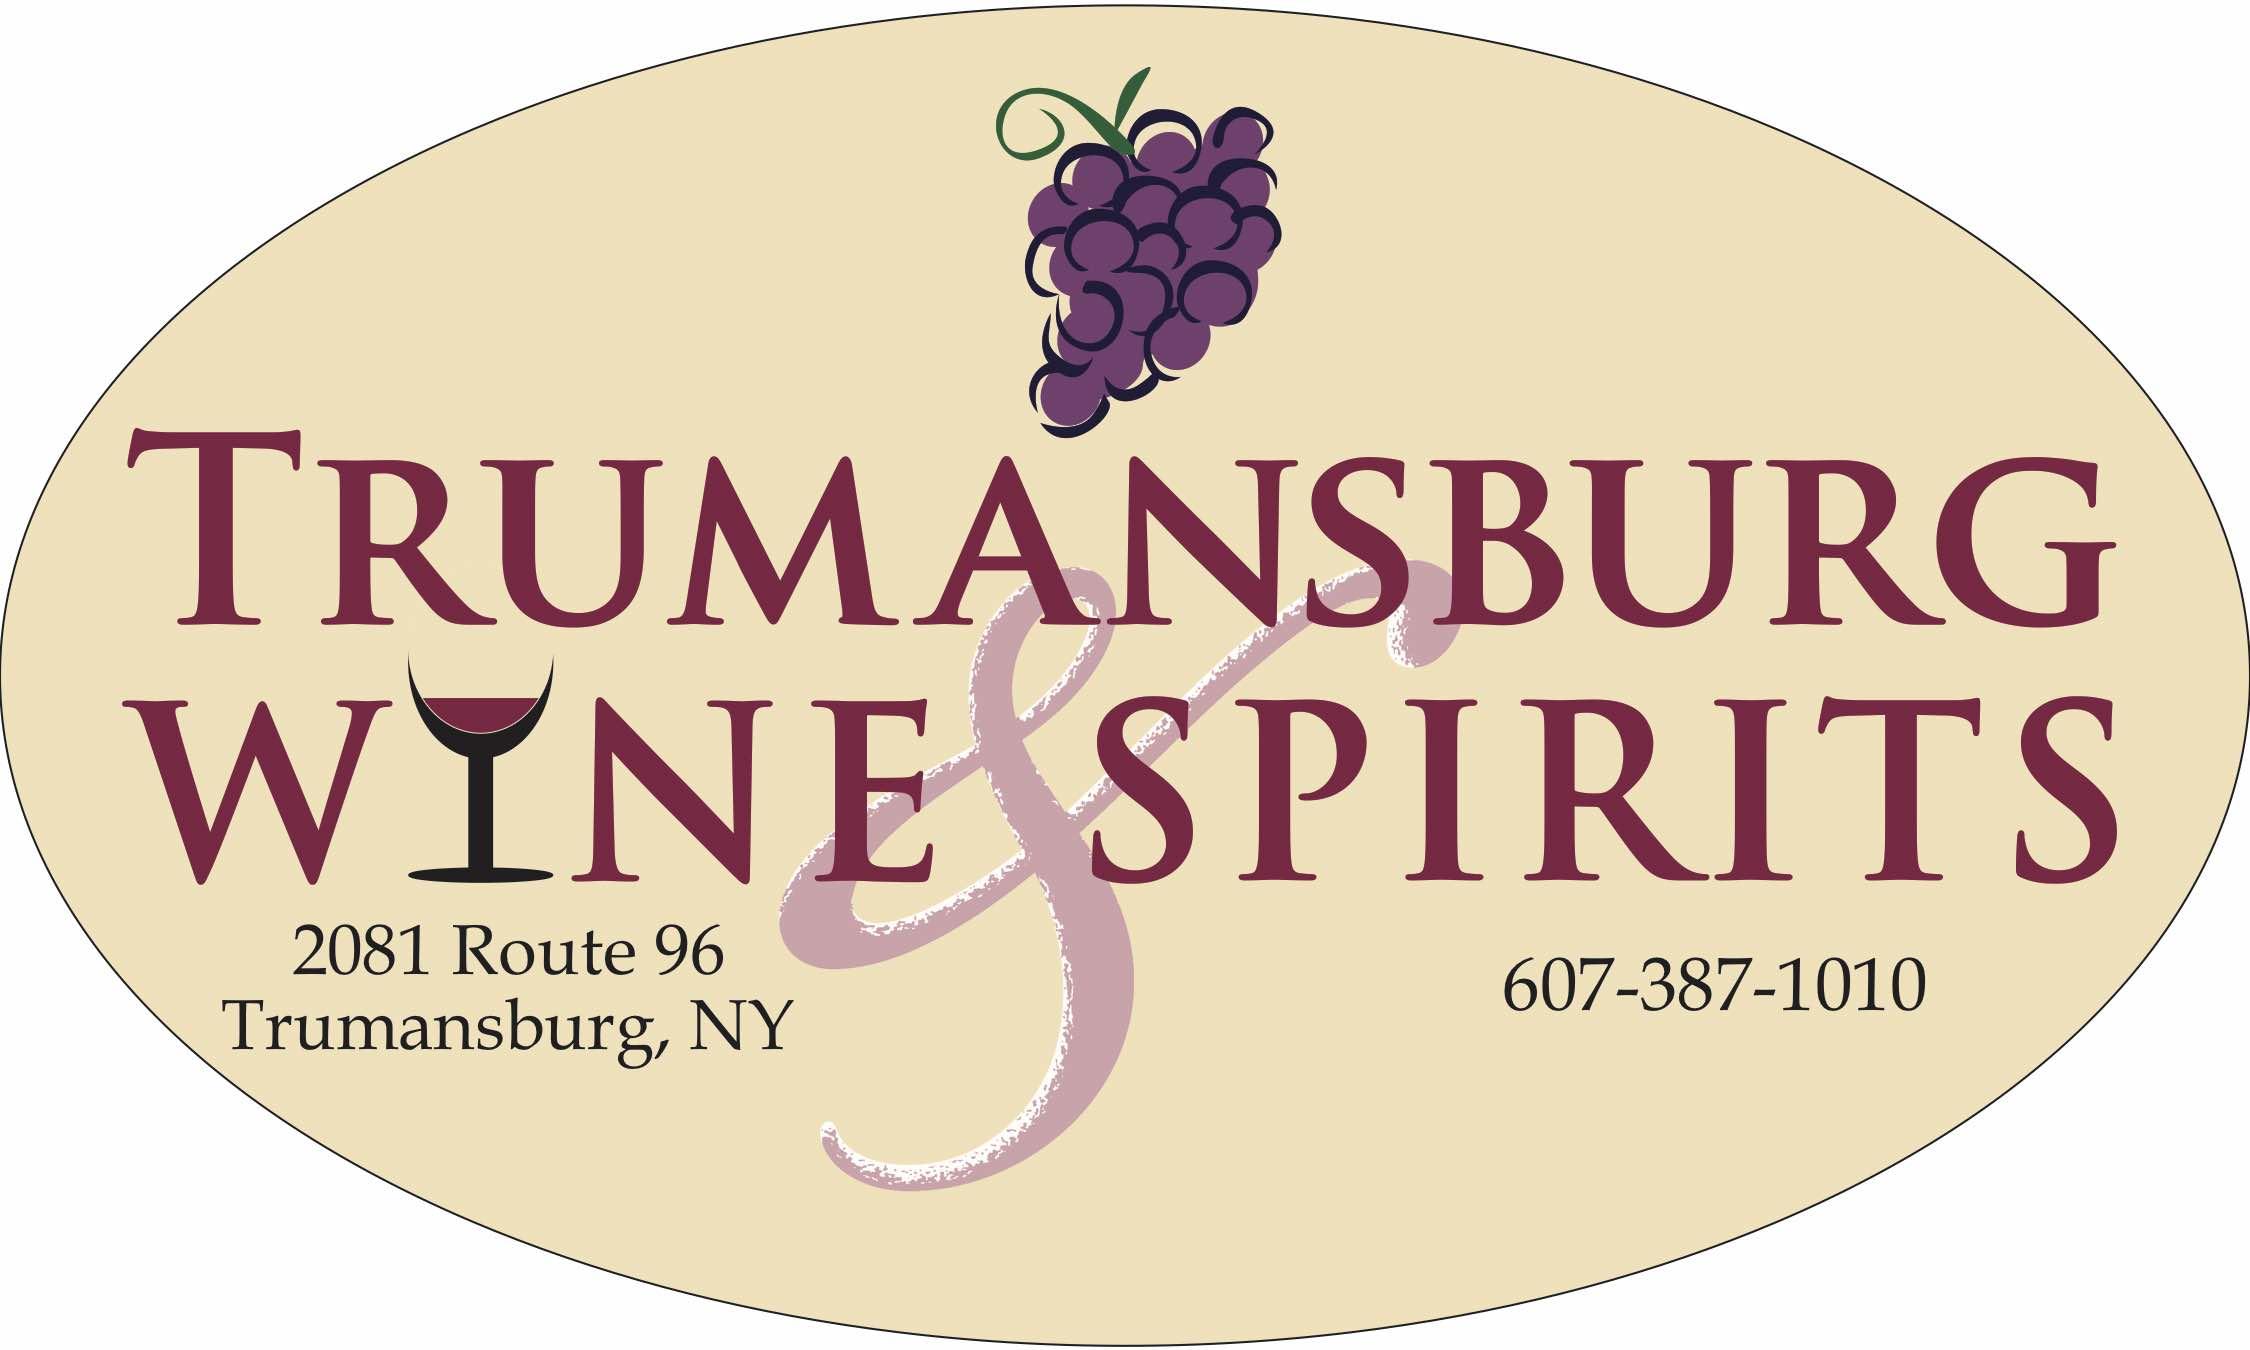 TBurg Wine & Spirits.jpg